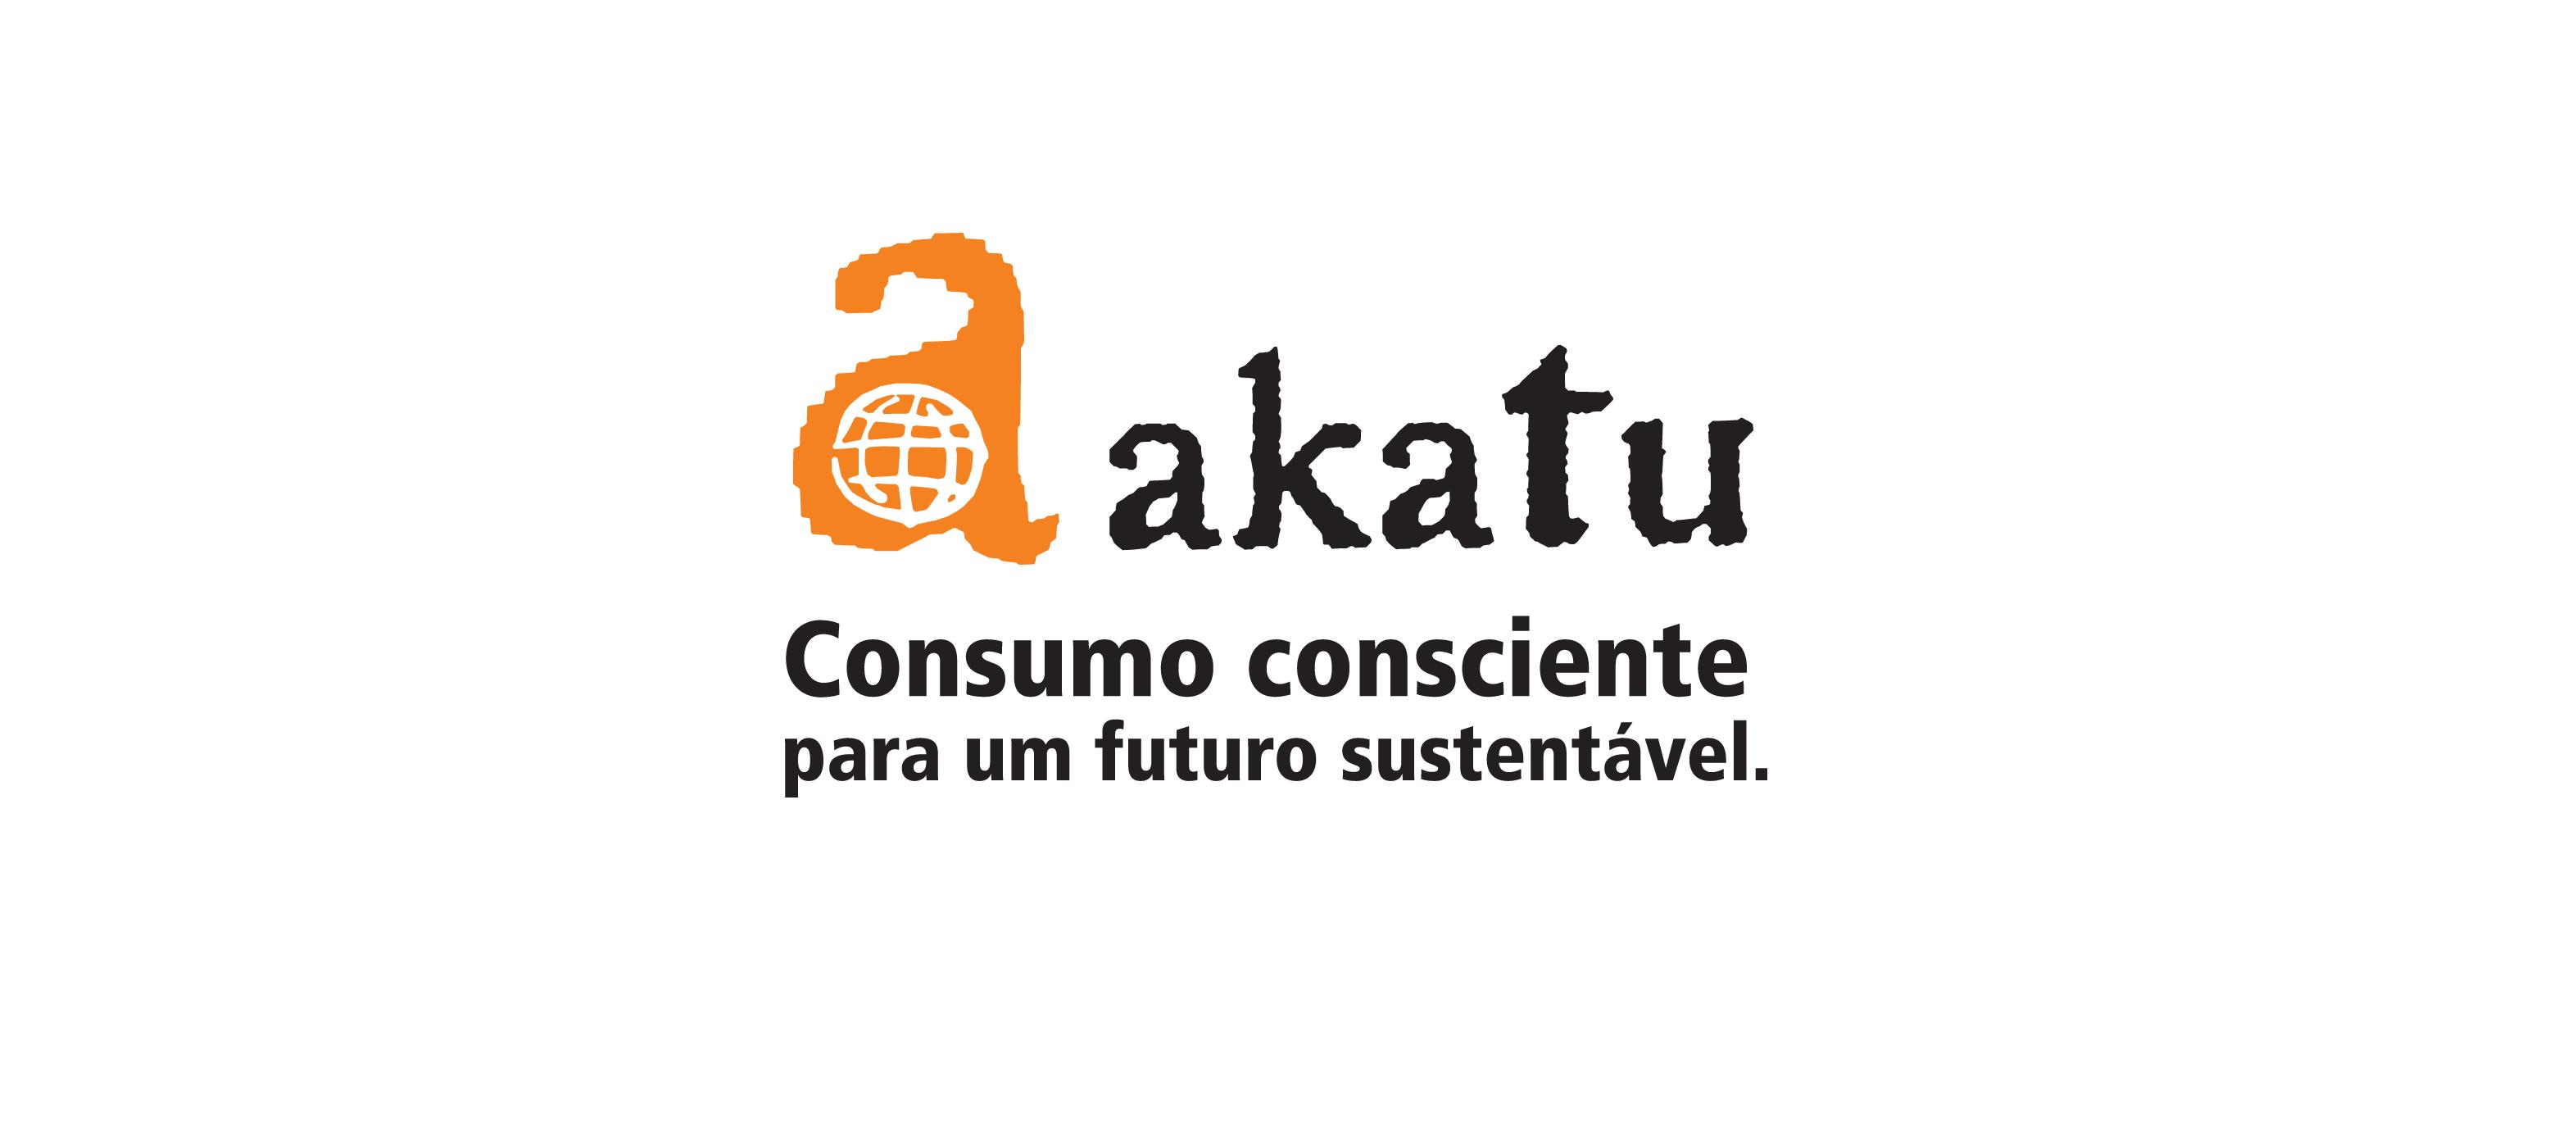 A atuação do Instituto Akatu para a conscientização sobre o consumo consciente